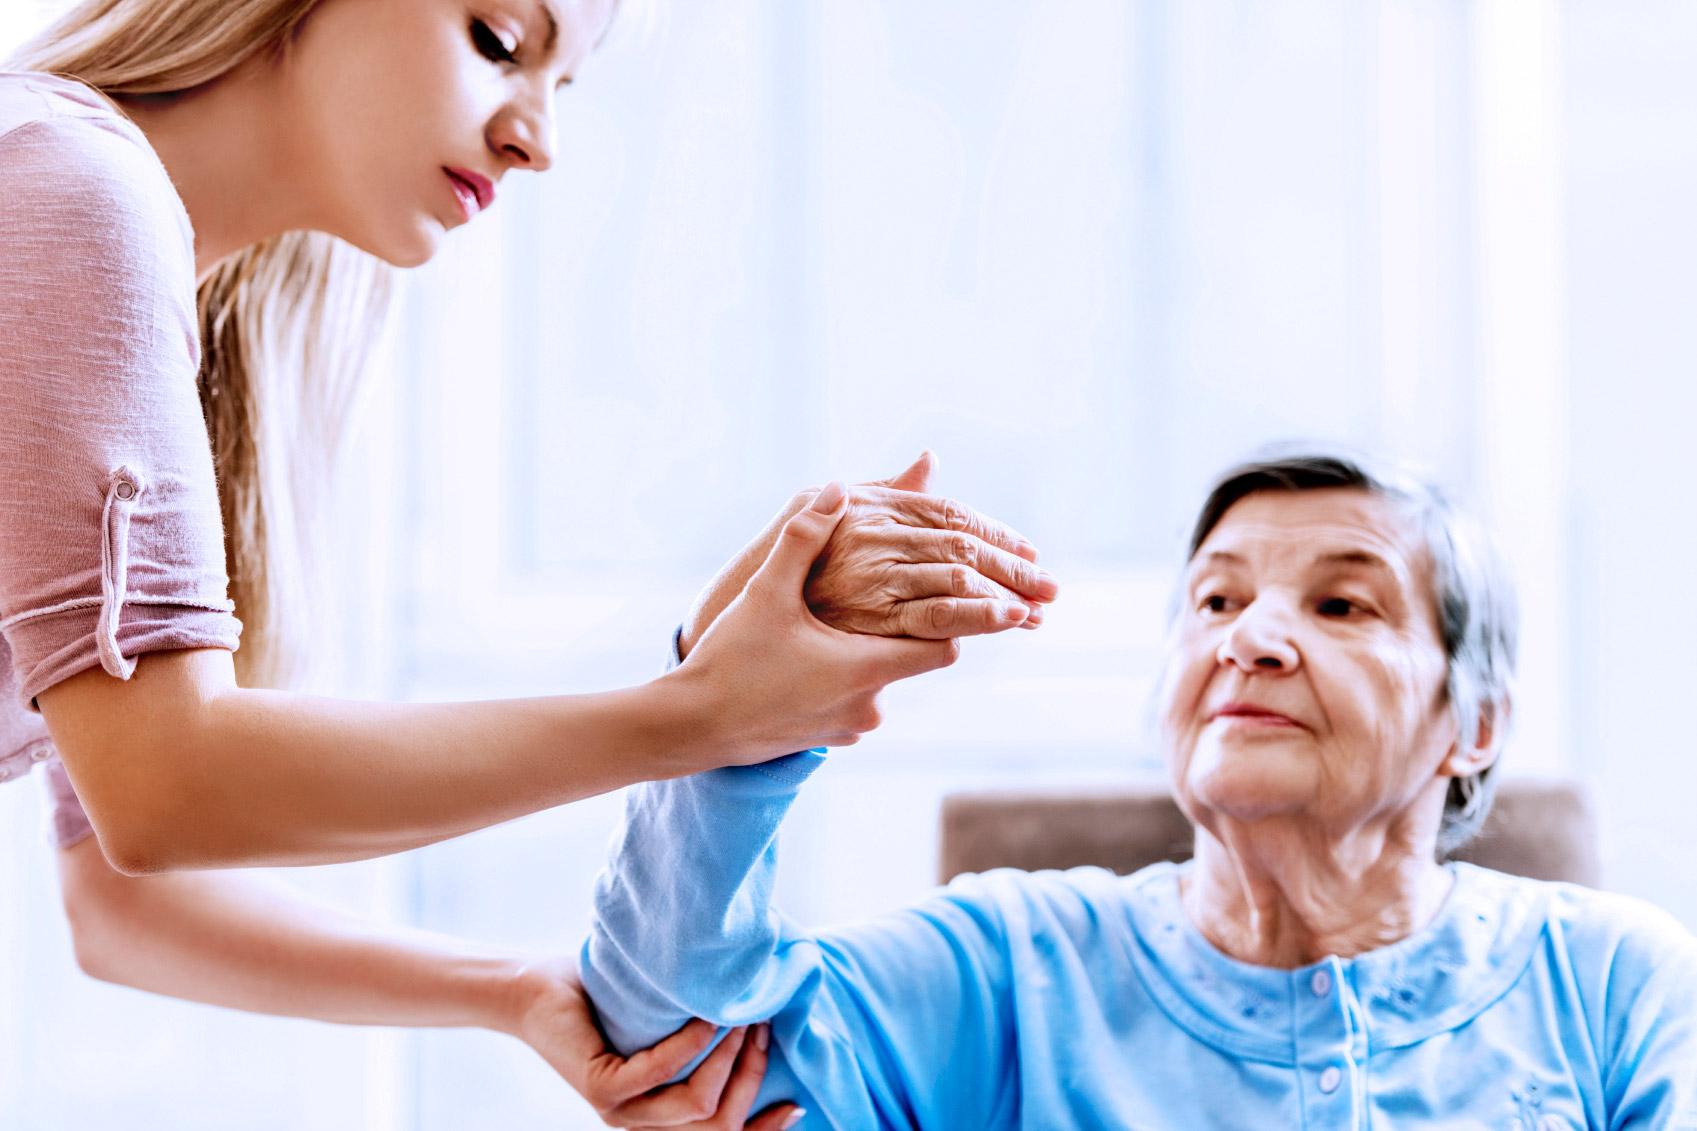 Остеохондроз поясничного отдела: лечение в домашних условиях